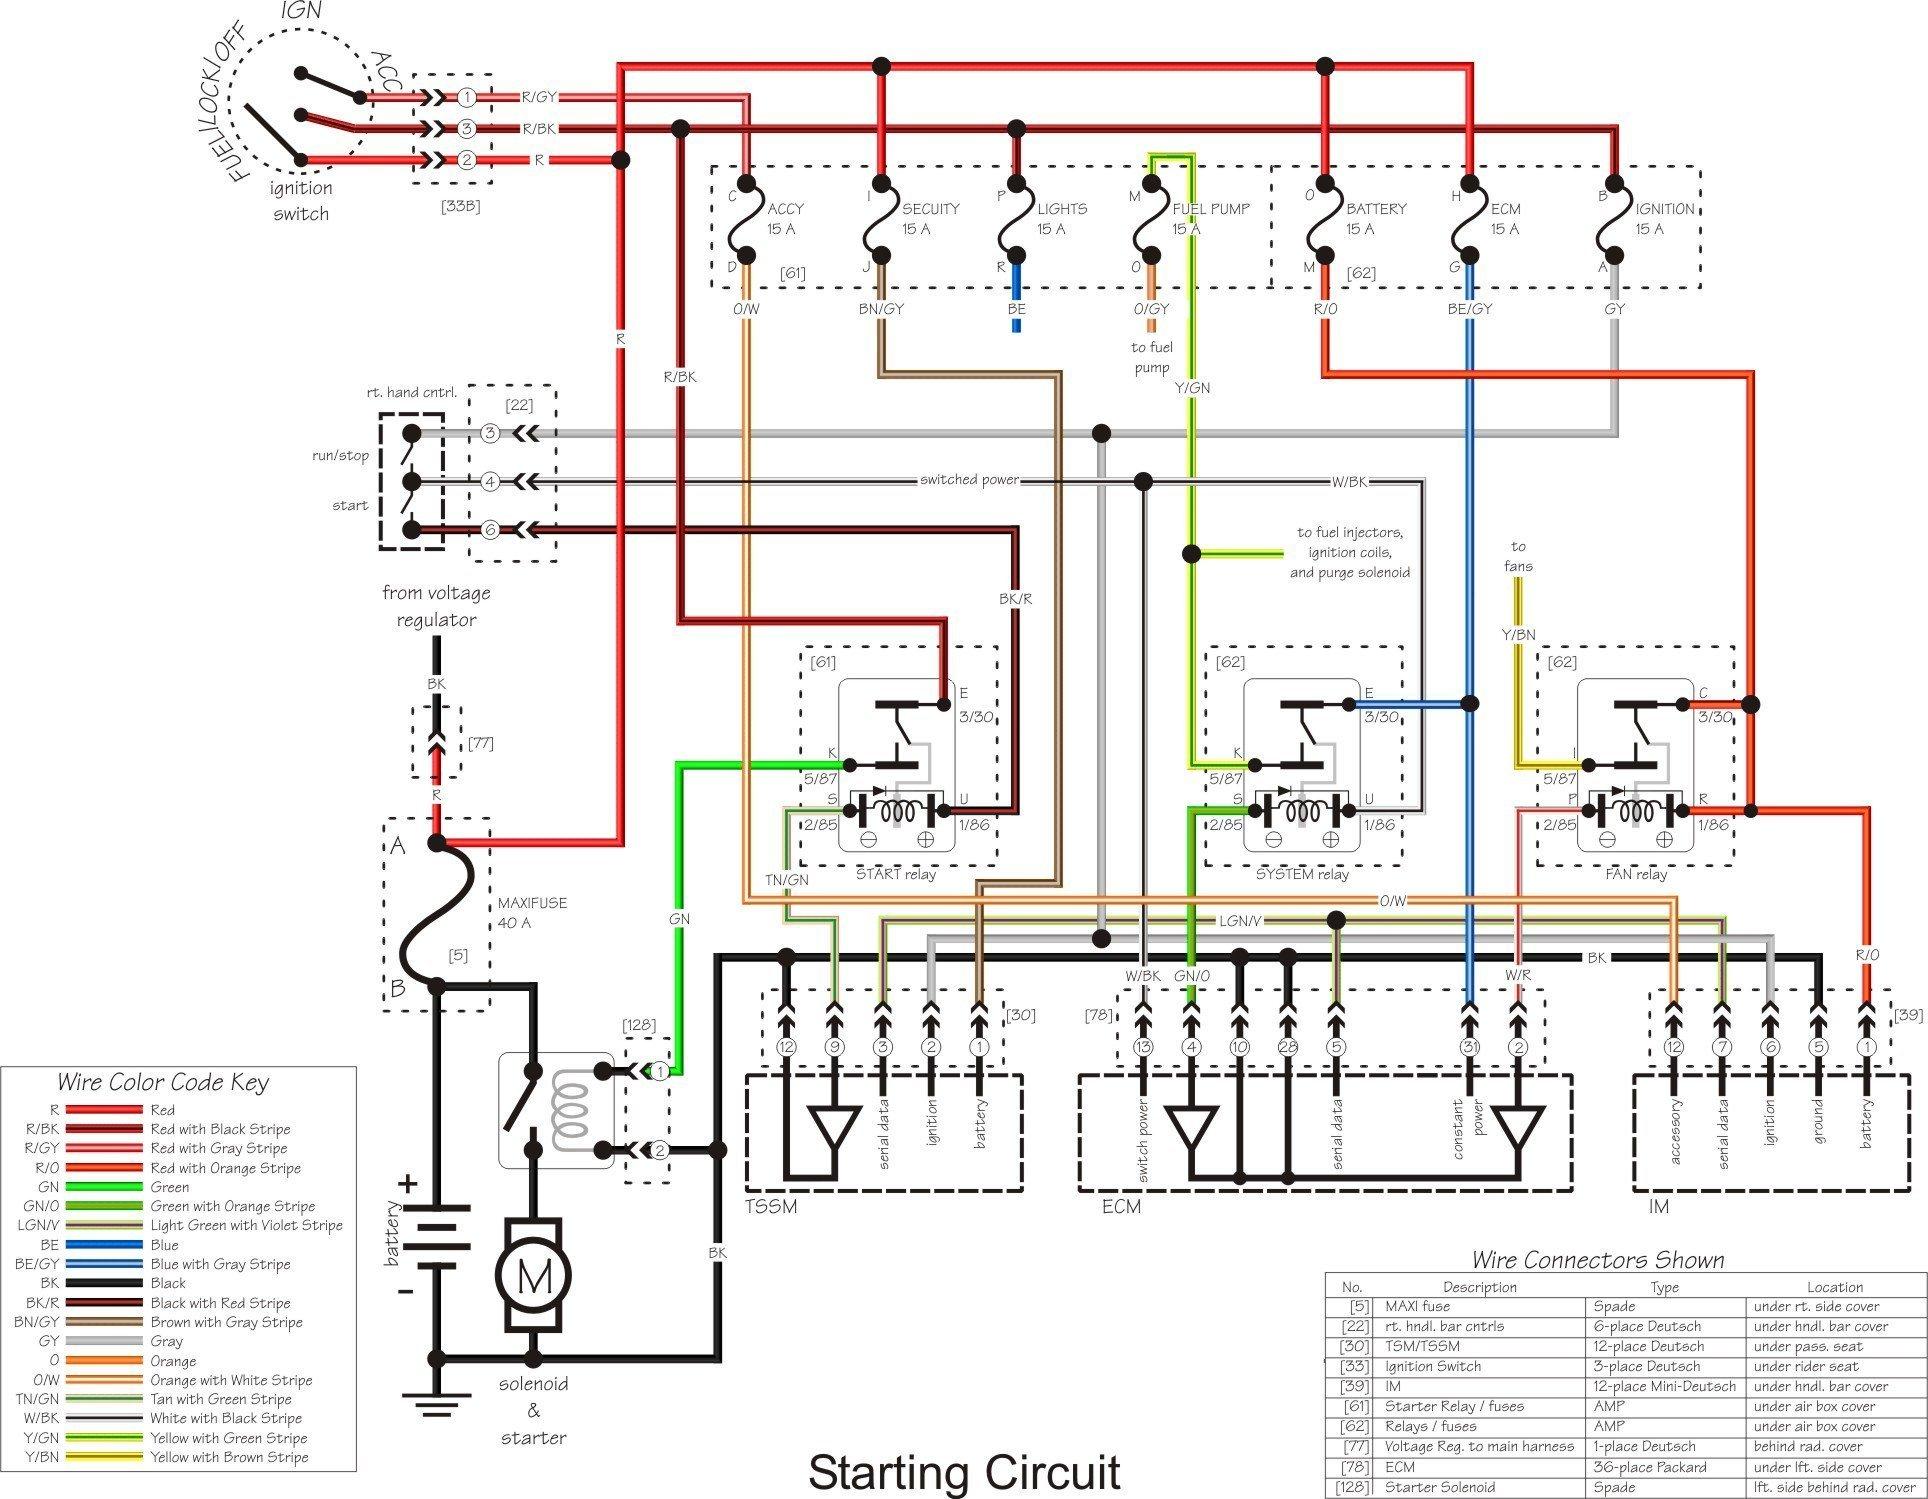 1999 yamaha r1 wiring diagram 1999 image wiring 2003 suzuki sv650 wiring diagram auto wiring diagram on 1999 yamaha r1 wiring diagram